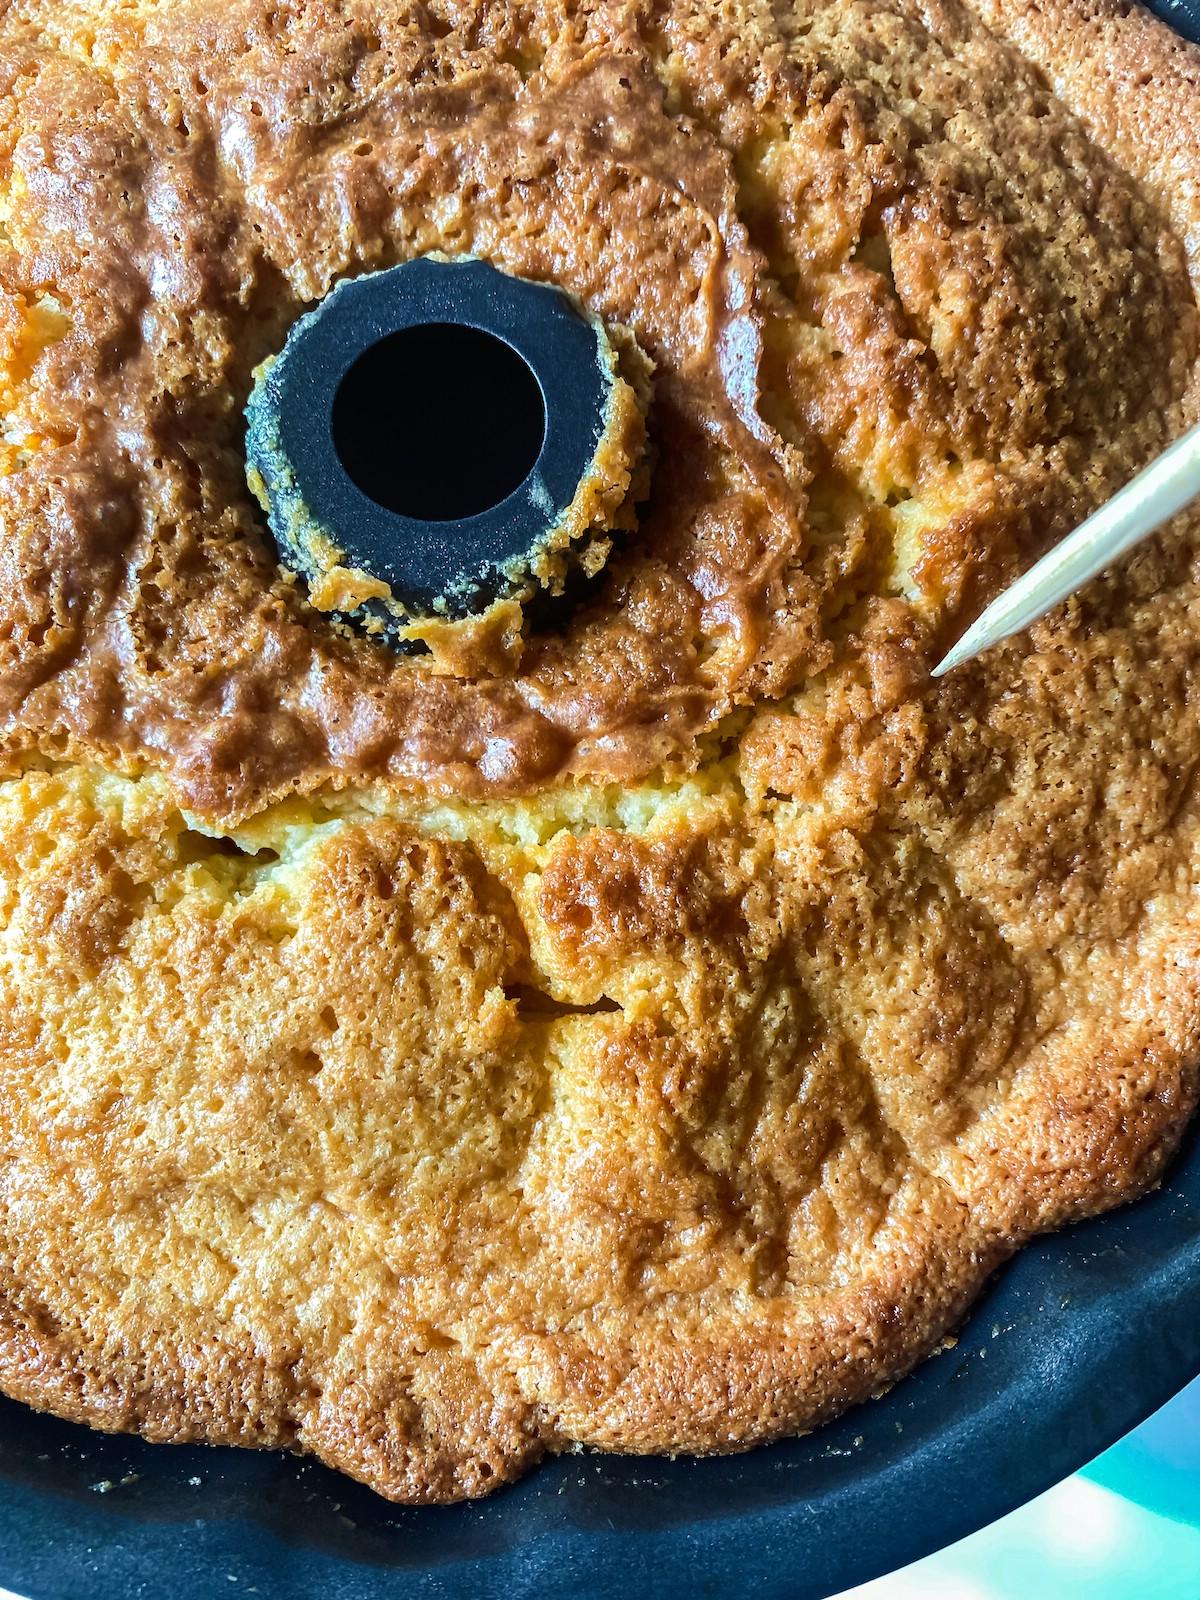 Poking holes into bundt cake